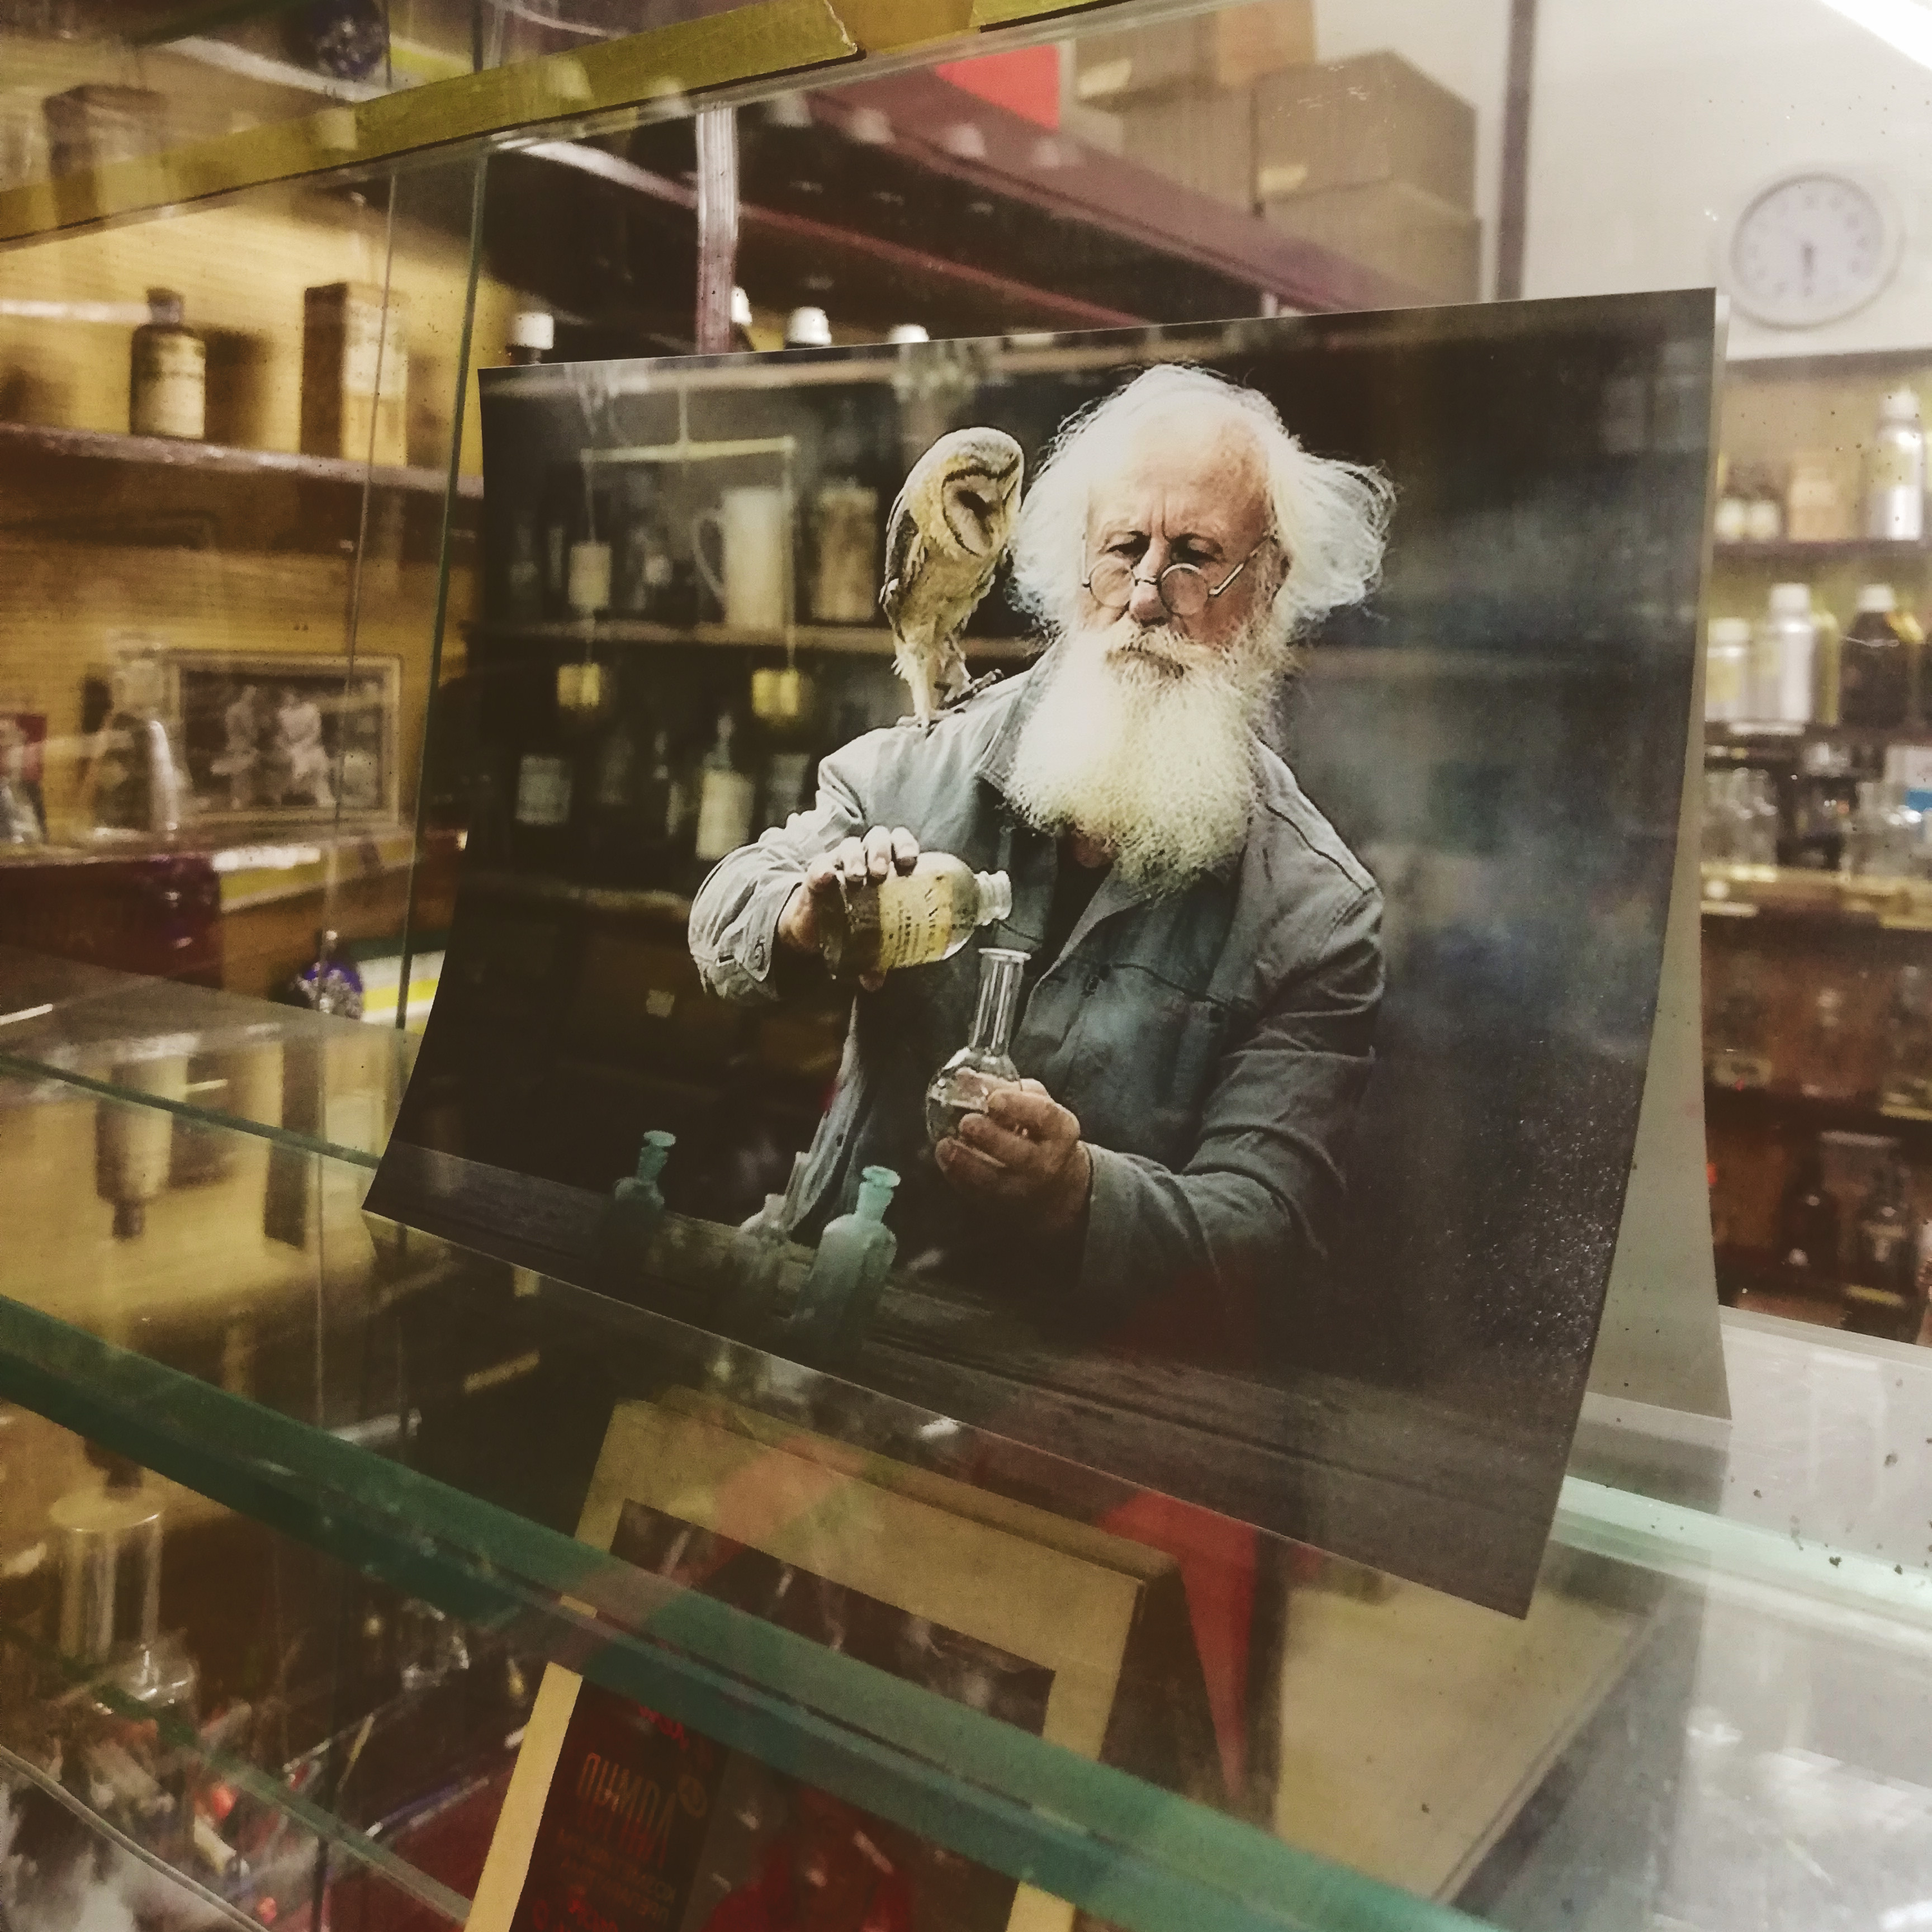 Magiczna perfumeria w Belgradzie, która pamięta czasy Jugosławii